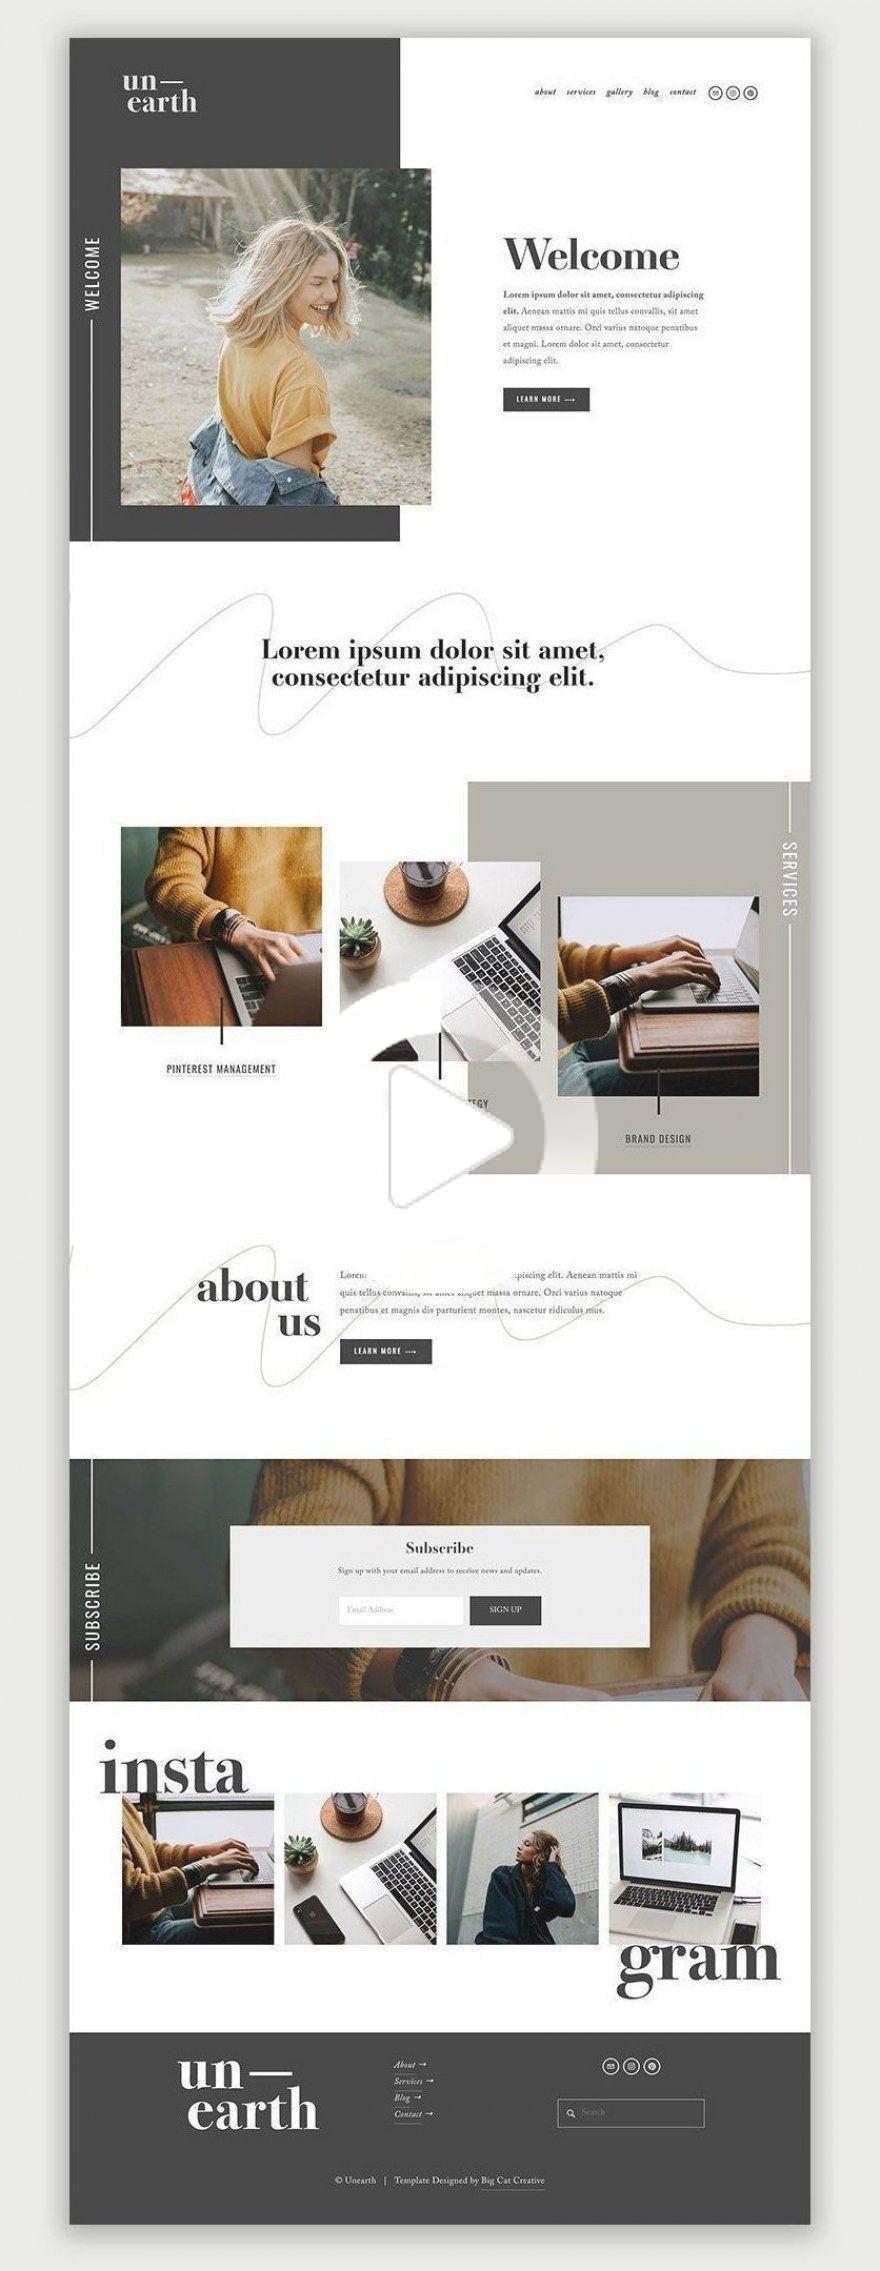 Poster designs  #design  #trends  #website web design trends website, web design trends landing pages, web design trends inspiration, web design trends 2019, web design trends 2020, web design trends ideas #webdesign #webdesign #webdesign #webdesign #webdesign #webdesign #webdesign #webdesigntemplates